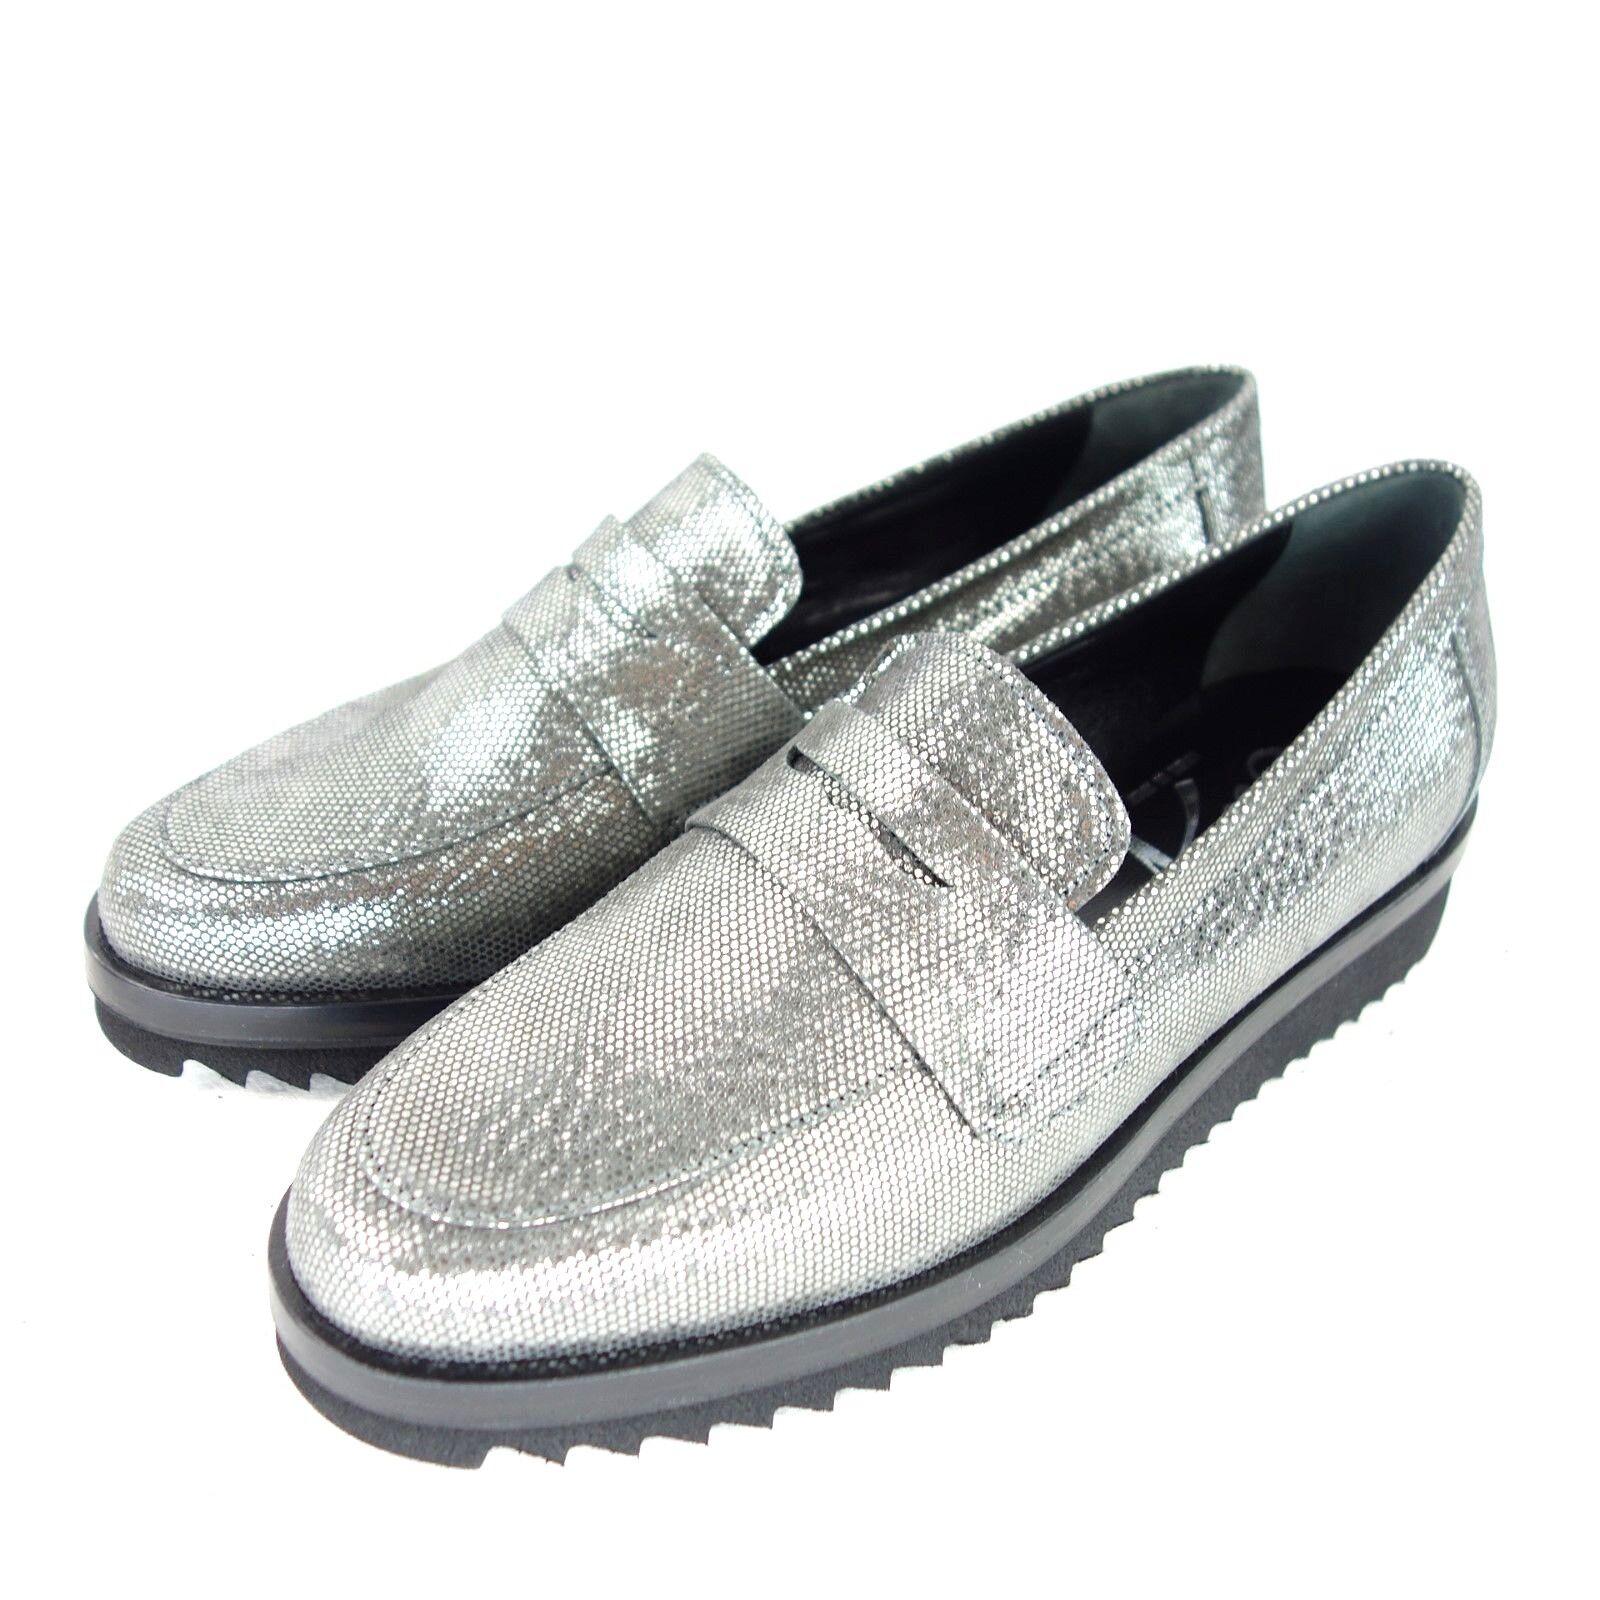 Susy señora loafer zapato bajo Fish City zapatos talla 37 37 37 41 plata cuero NP 219 nuevo  el mejor servicio post-venta